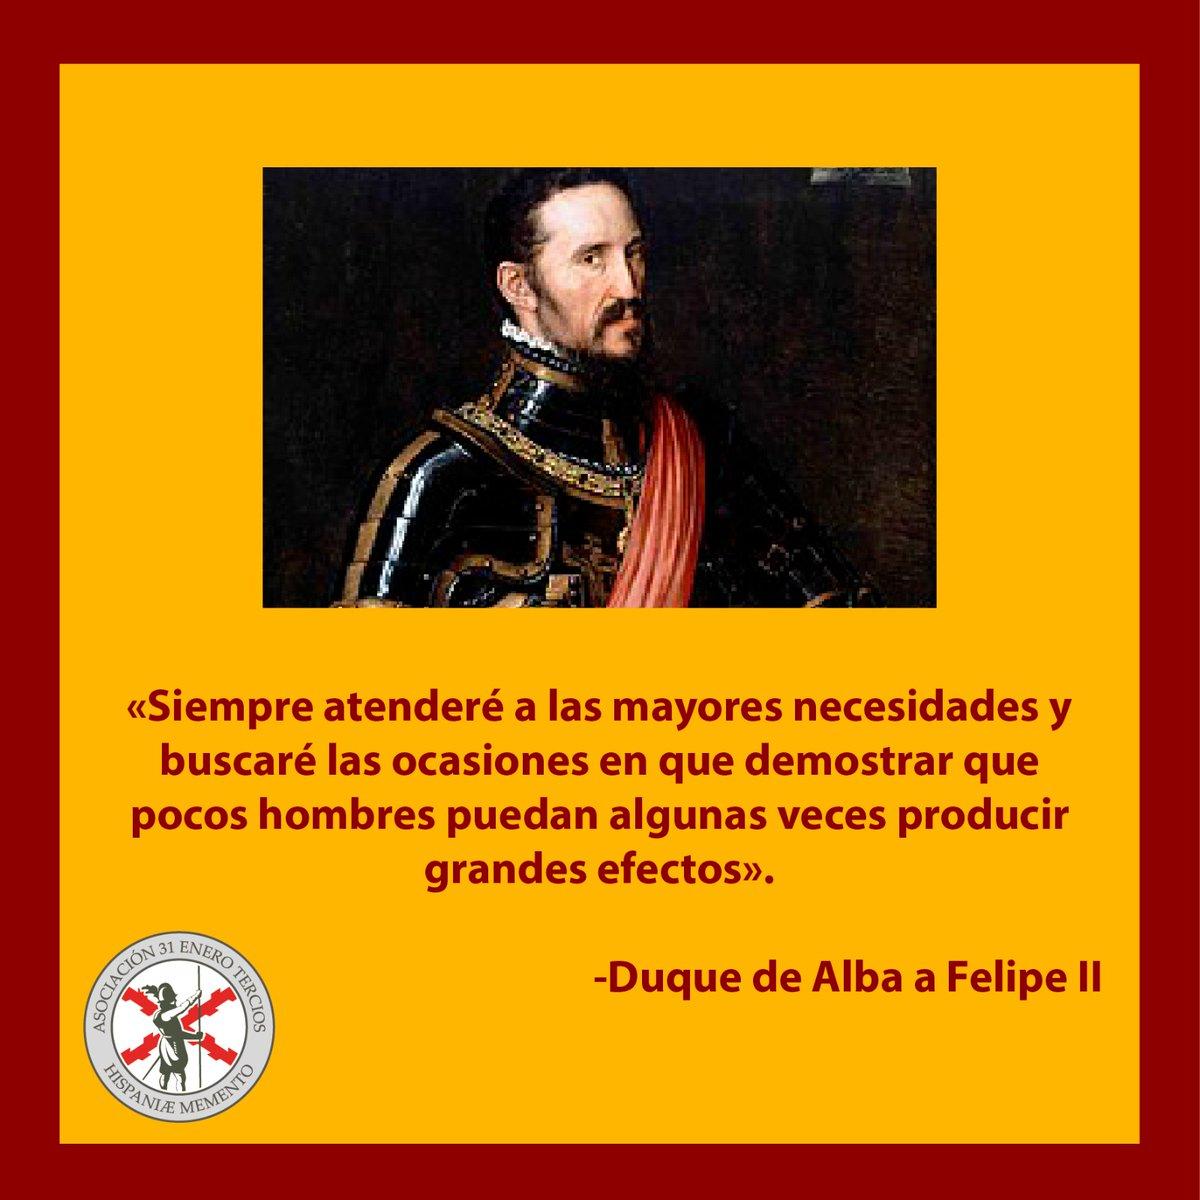 Después de la batalla de Jemmingen, una de las más importantes de las Guerras de Flandes, el duque de Alba emitió esta carta a Felipe II. El tesón, esfuerzo y gallardía de los Tercios queda plenamente reconocido. https://t.co/U1VIf8fix5